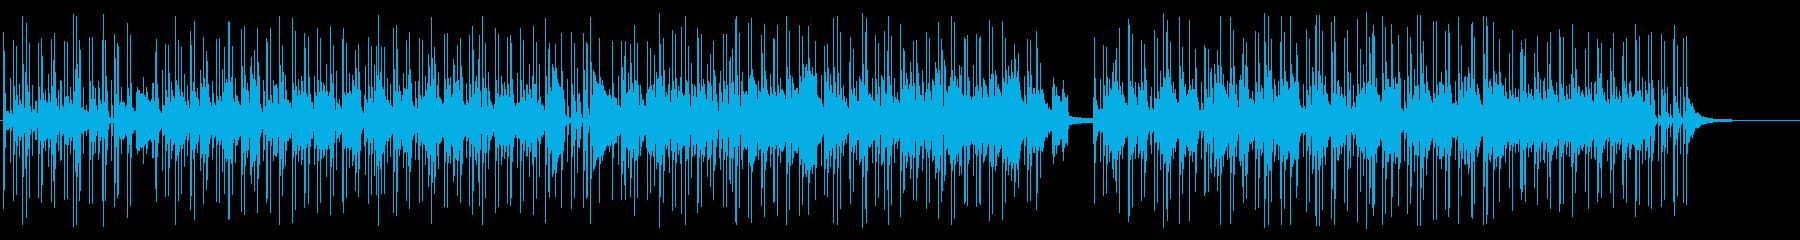 穏やかなアコースティックギターのボサノバの再生済みの波形